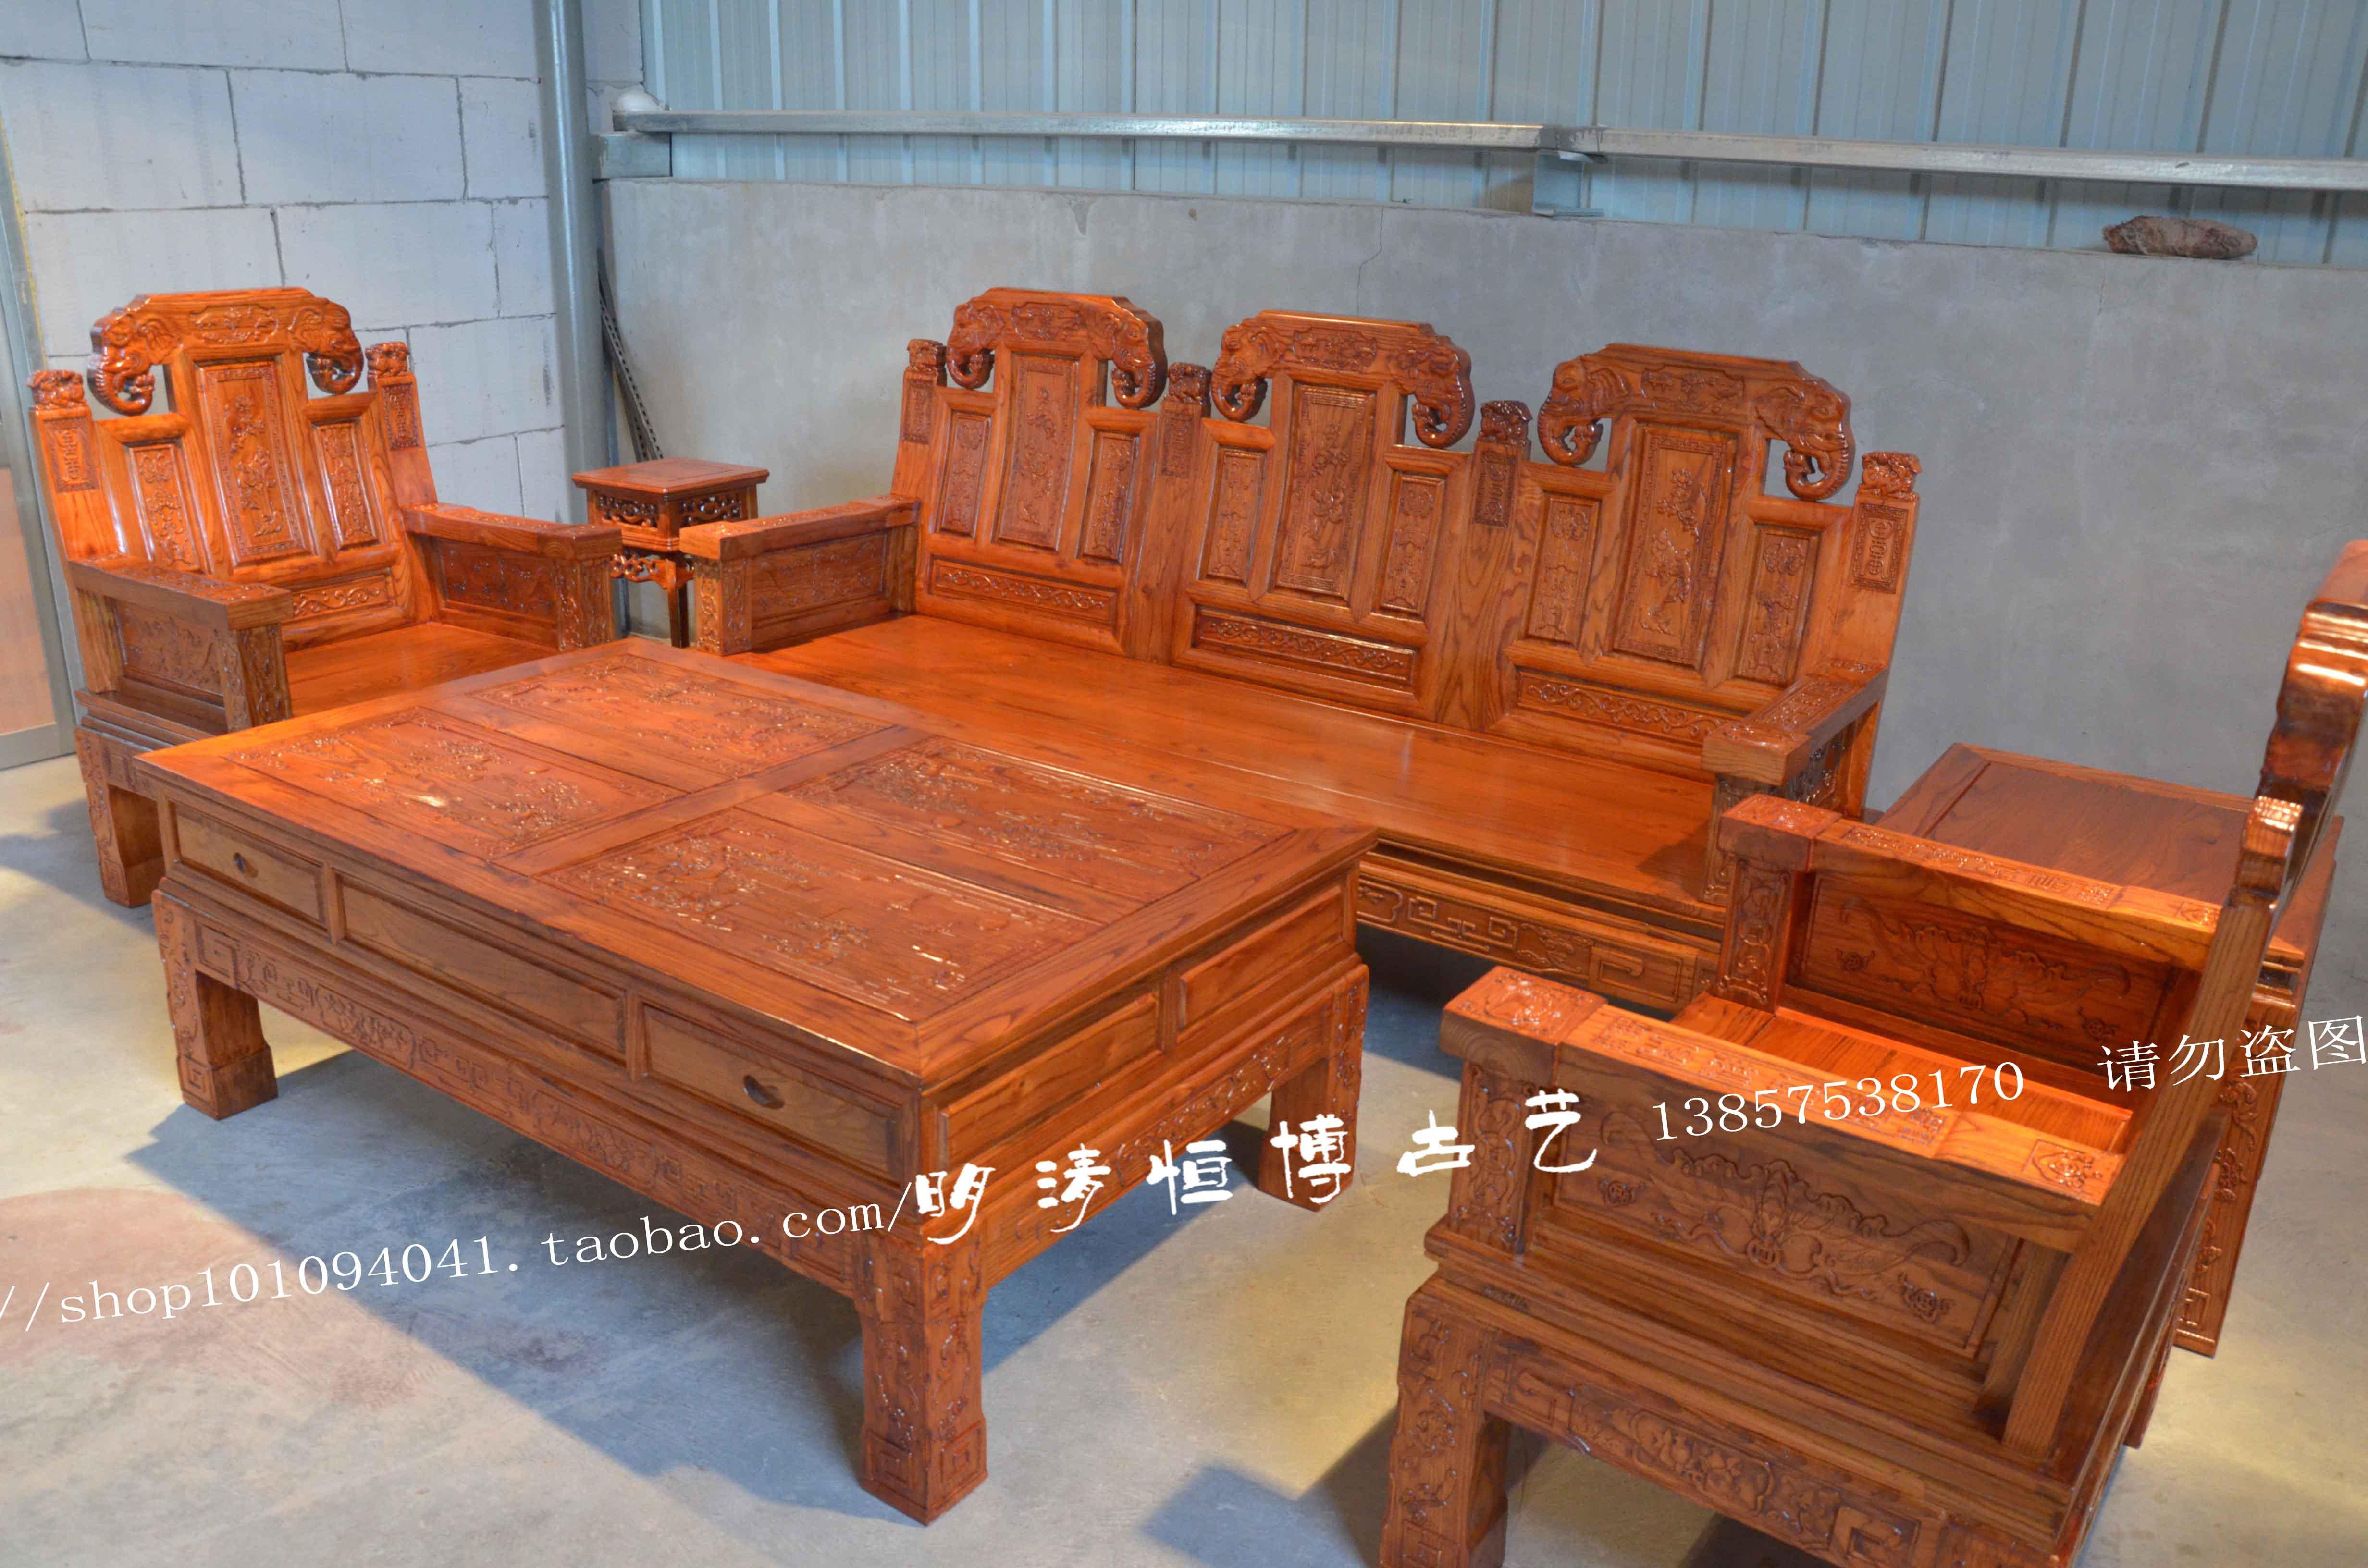 老榆木象头沙发实木雕花沙发组合价格